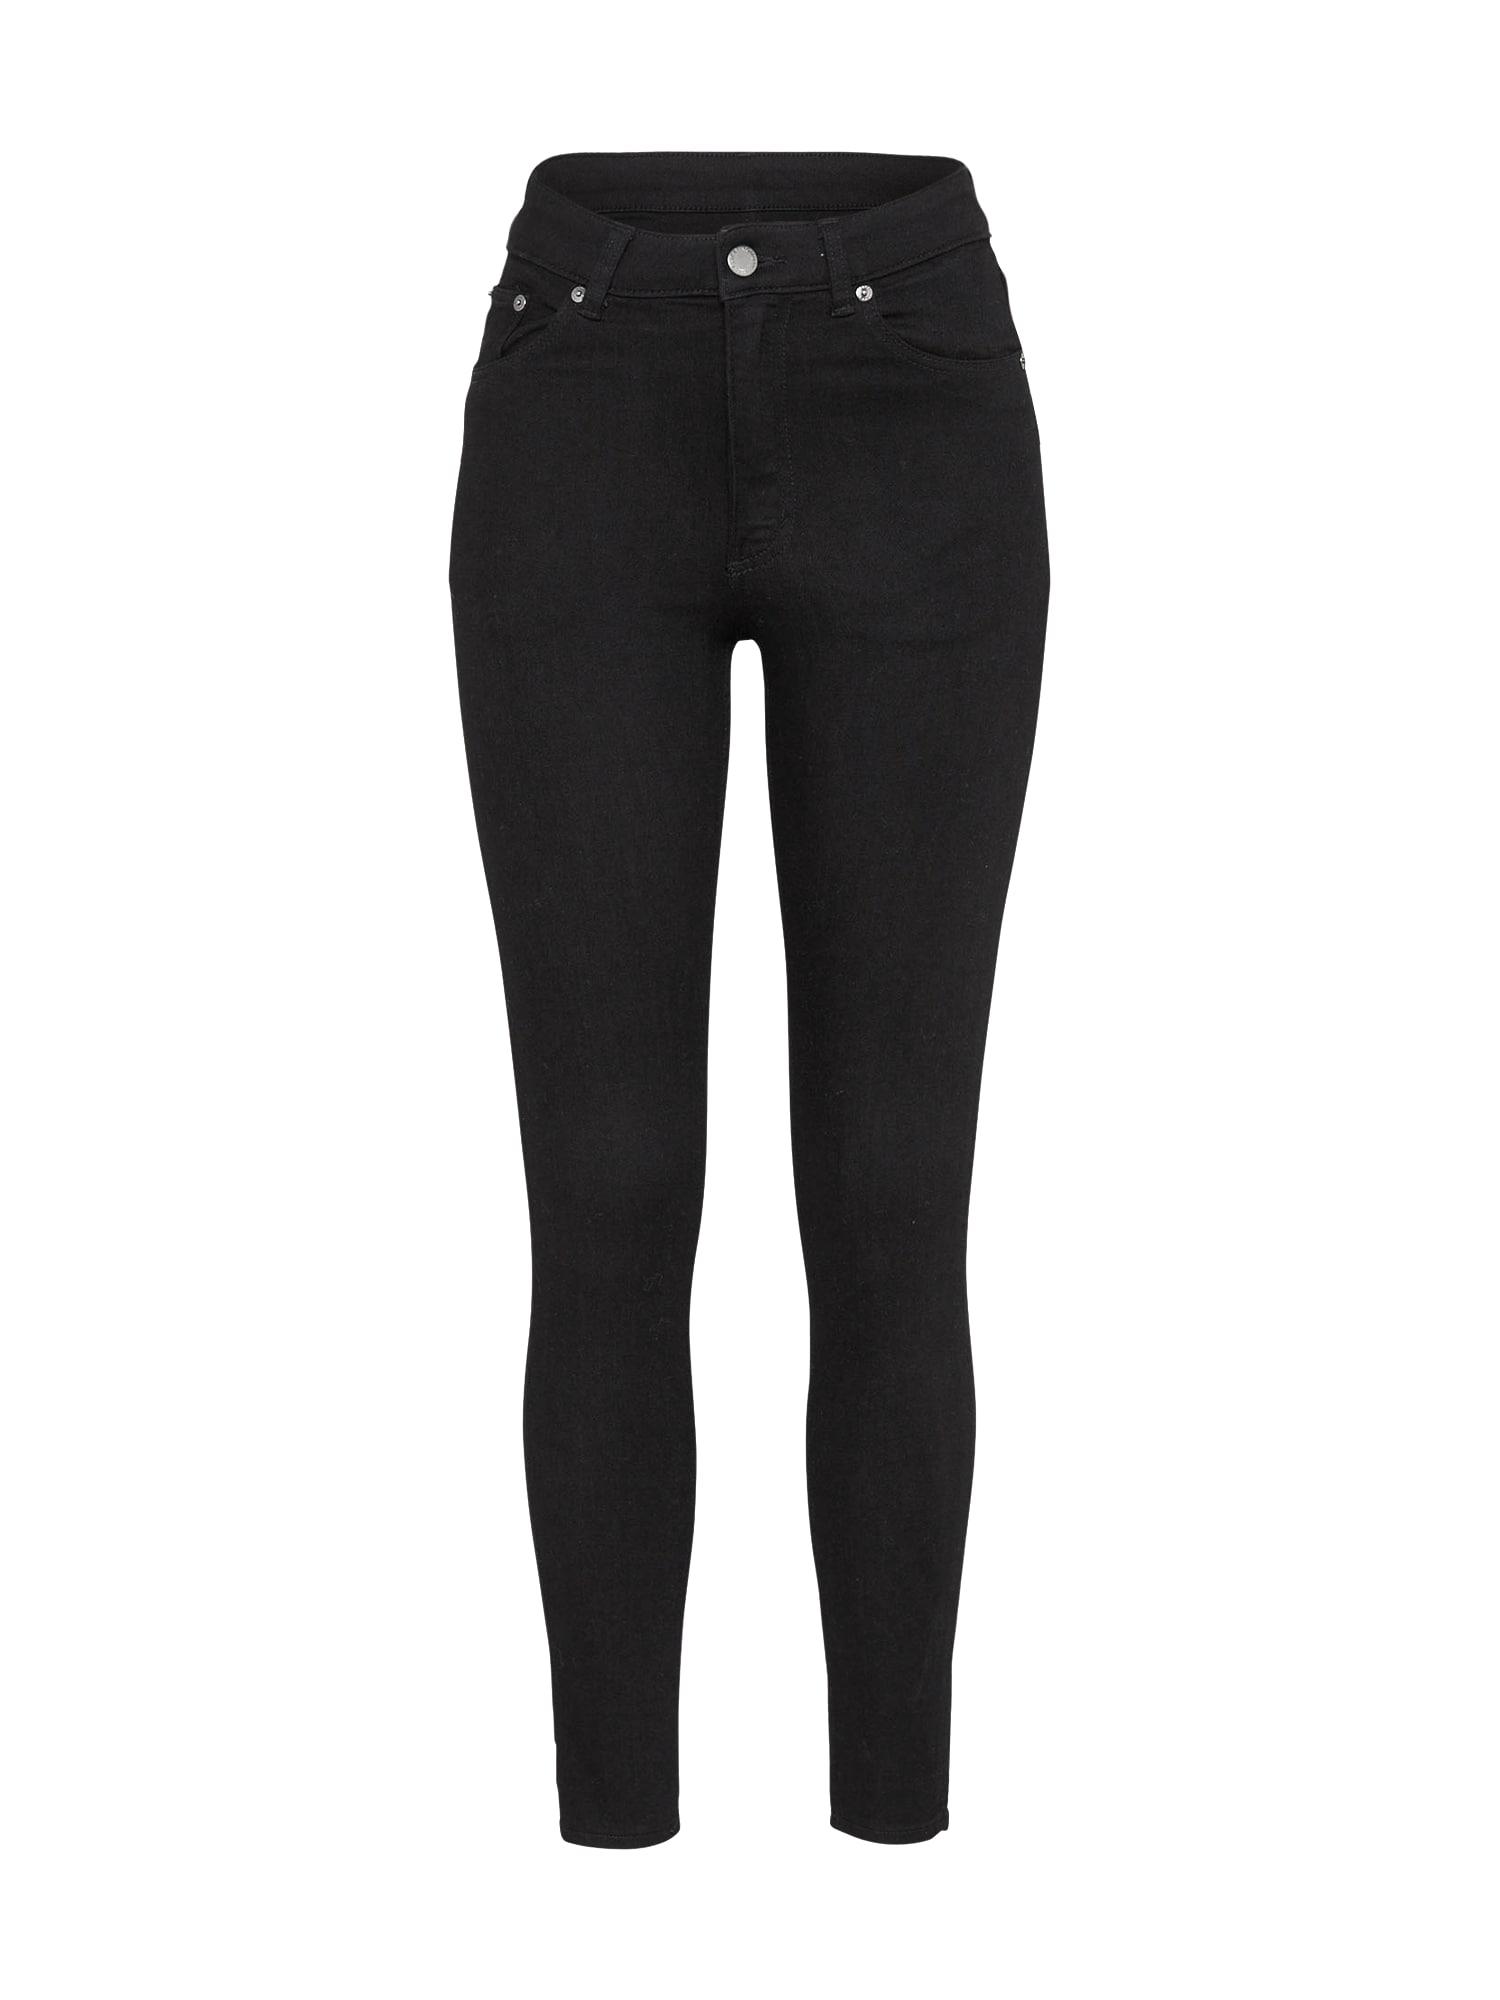 CHEAP MONDAY Dames Jeans High Skin black denim